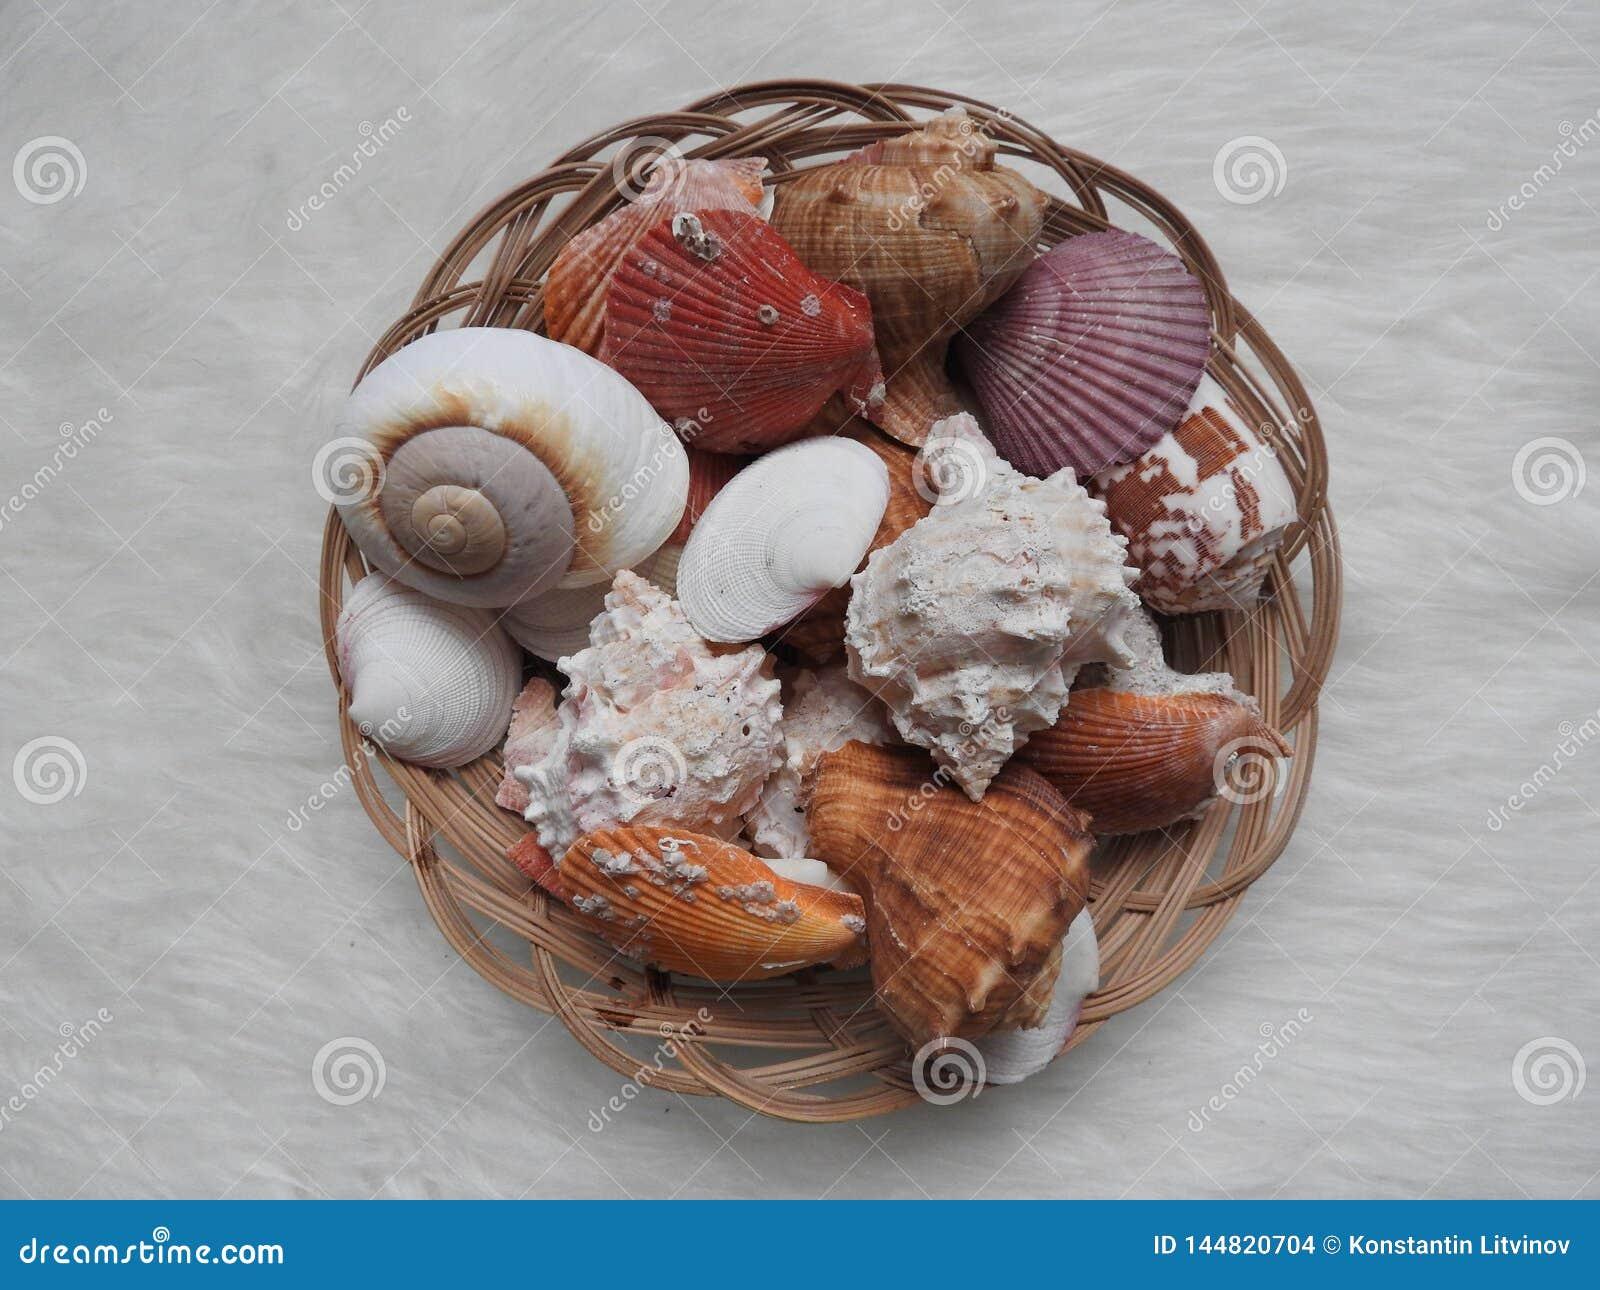 Sammlung verschiedenes Seetiere urcihn, Schnecke, Sanddollar, Oberteil, Krabbe auf Wei?